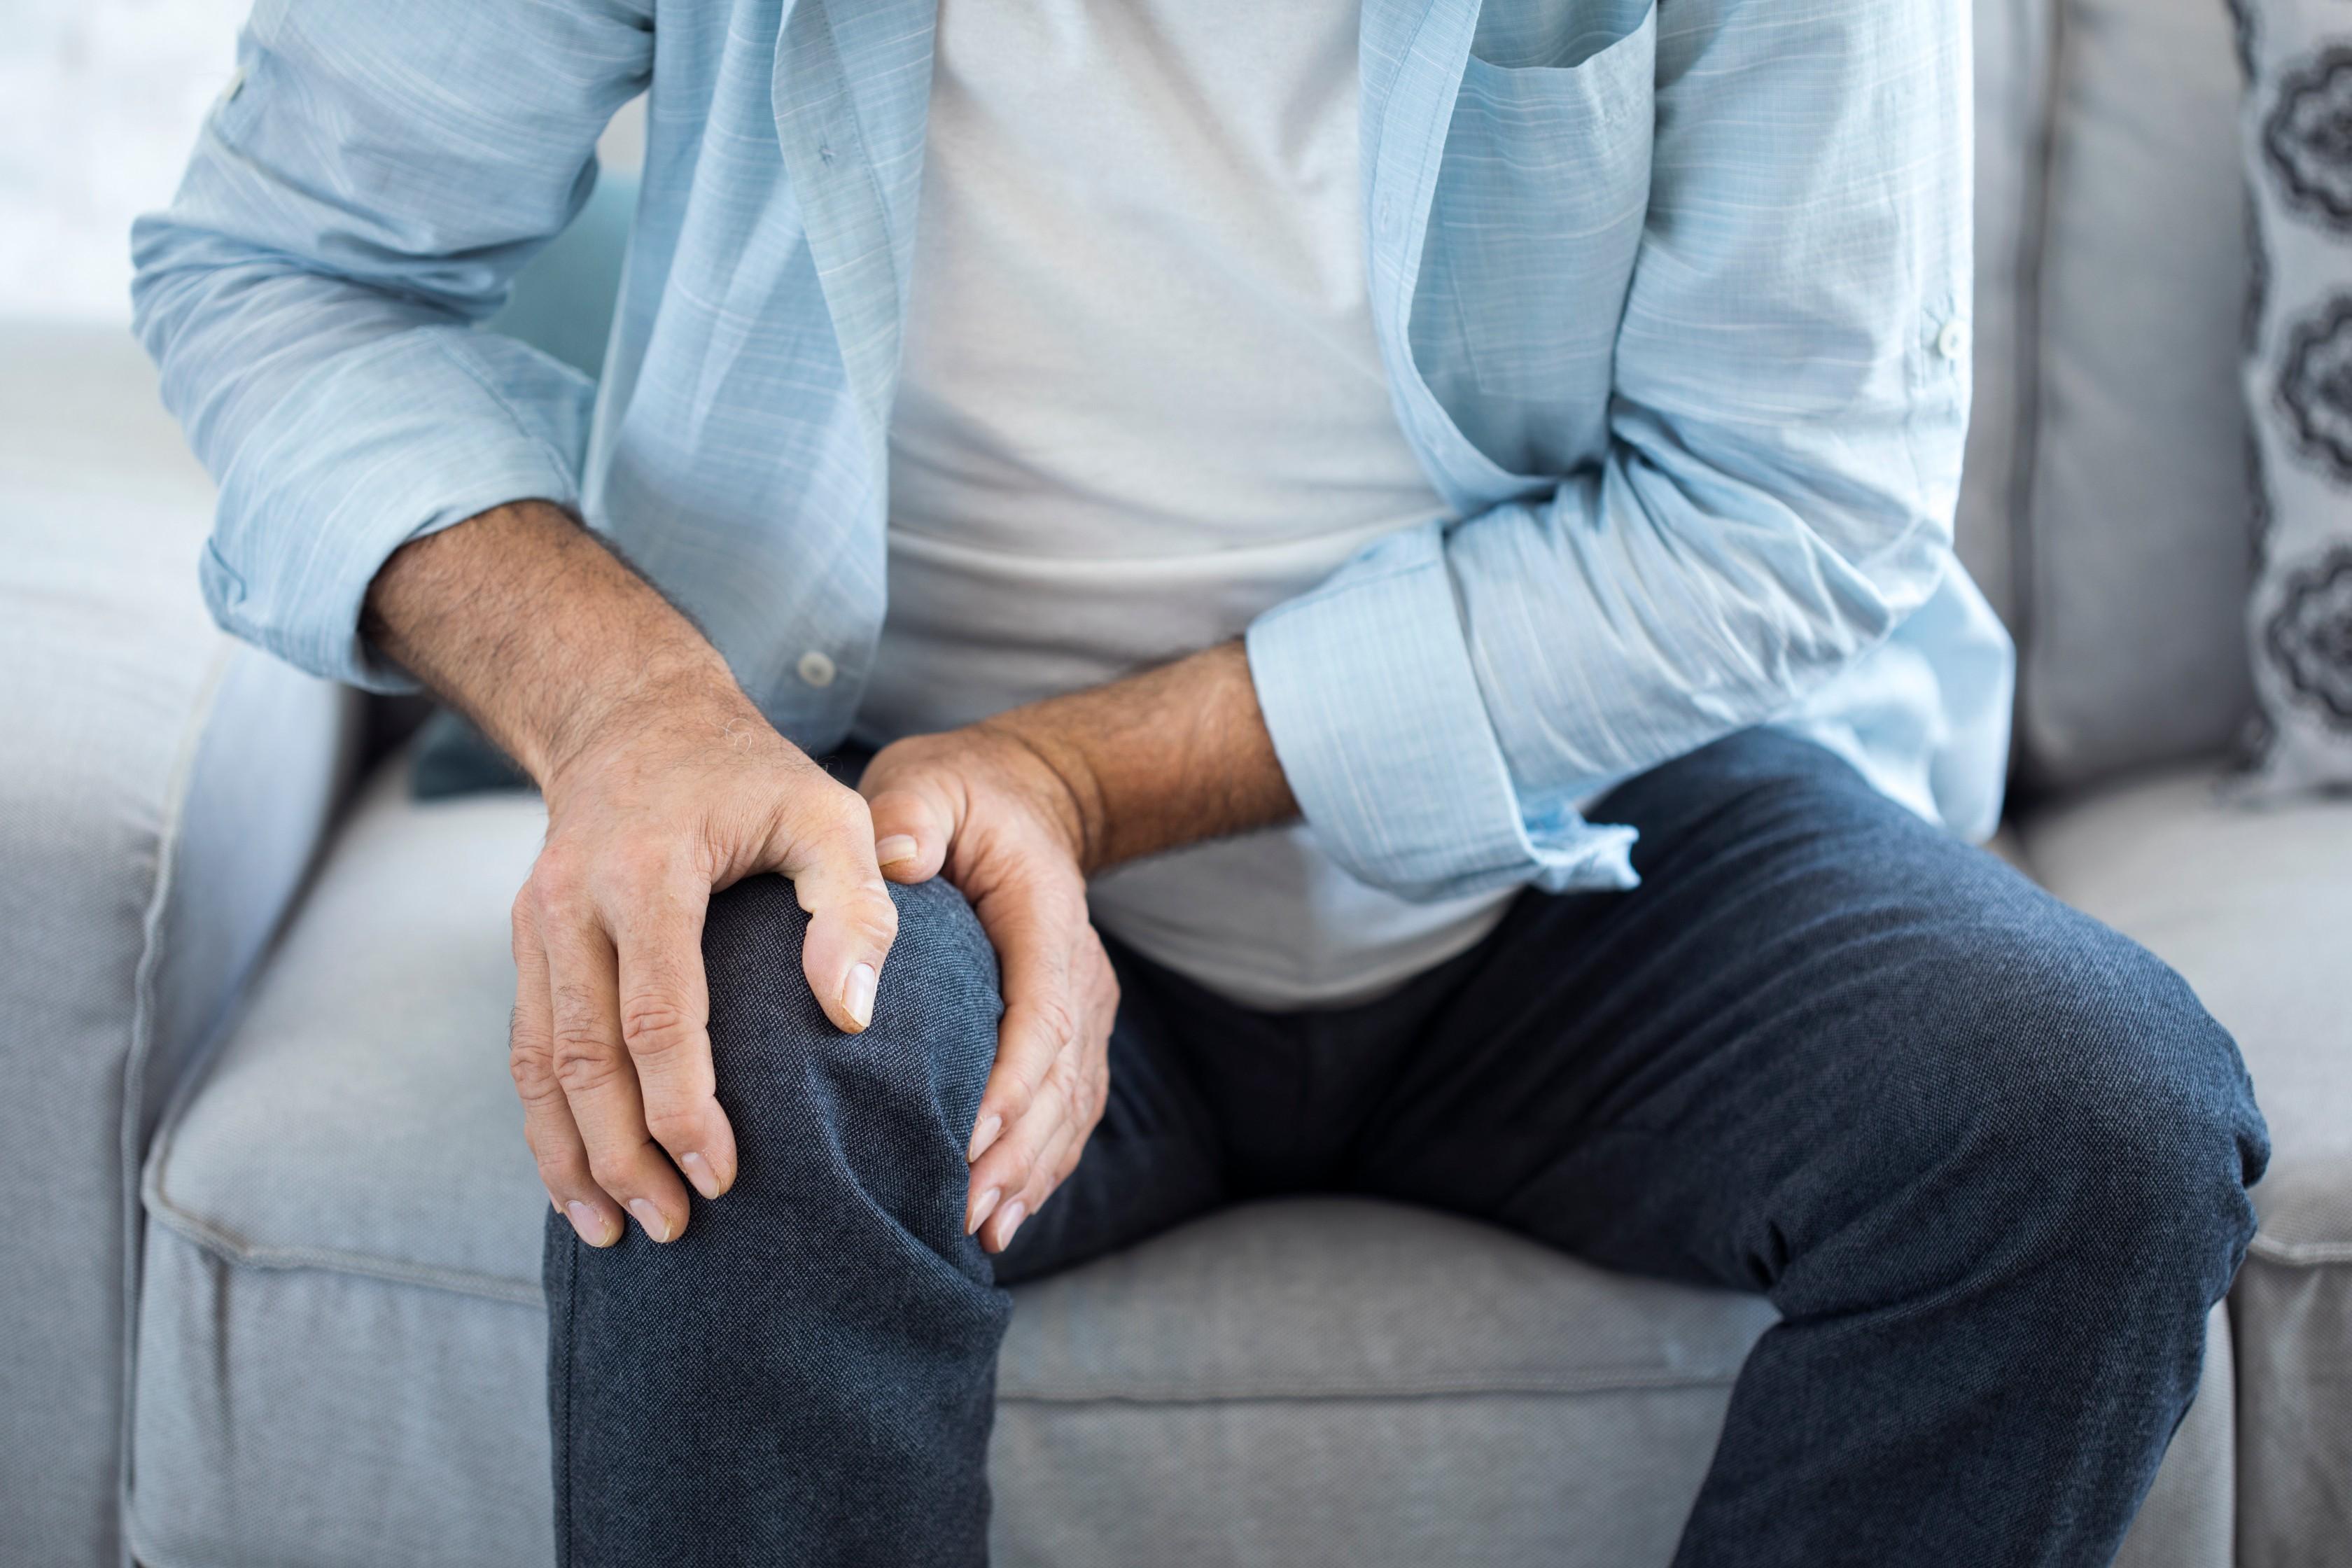 Derékfájás okai és kezelése - Fájdalomközpont